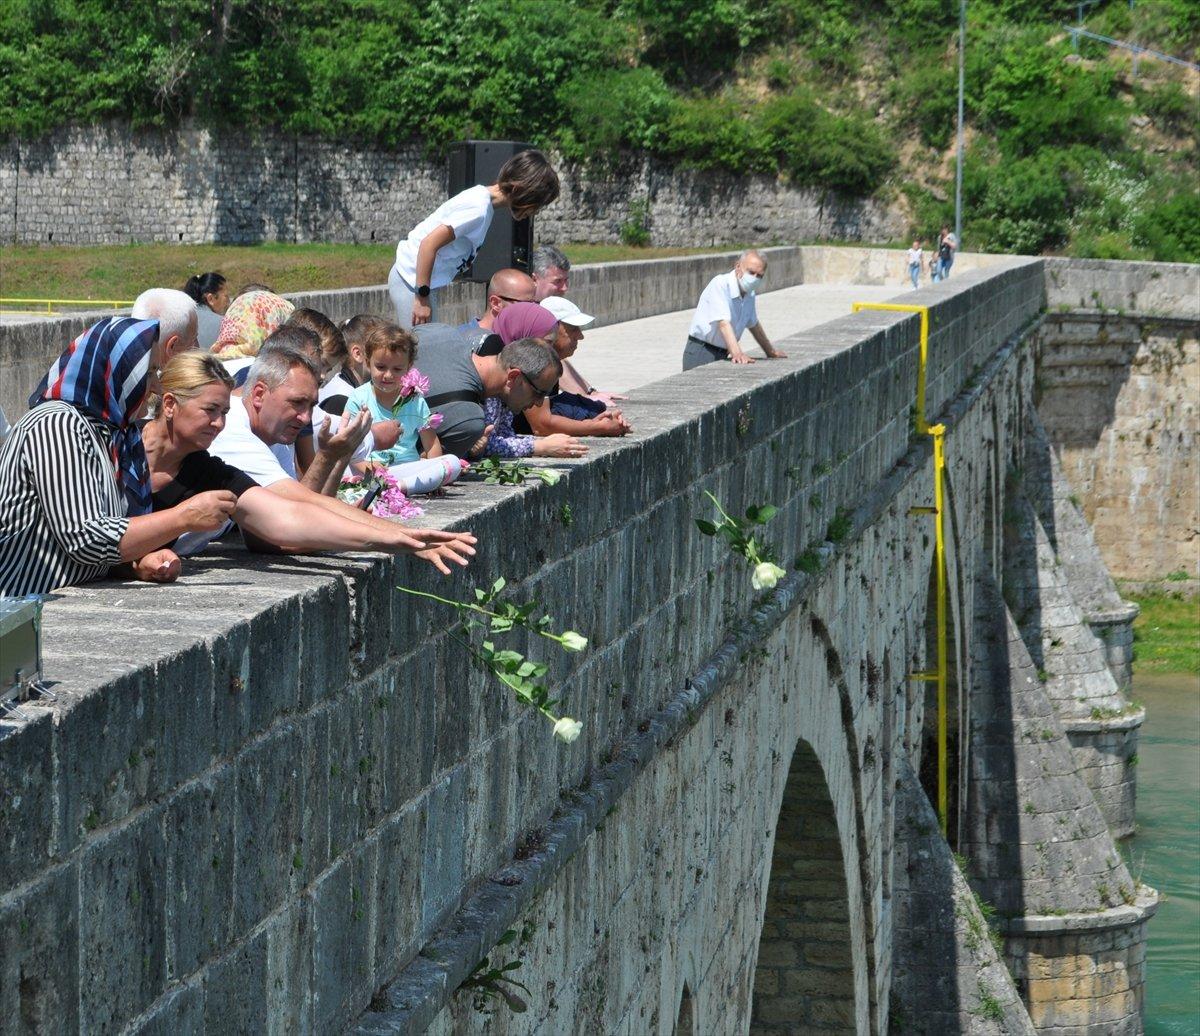 Bosna Savaşında diri diri yakılan 3 bin kurban için nehre gül döküldü #4